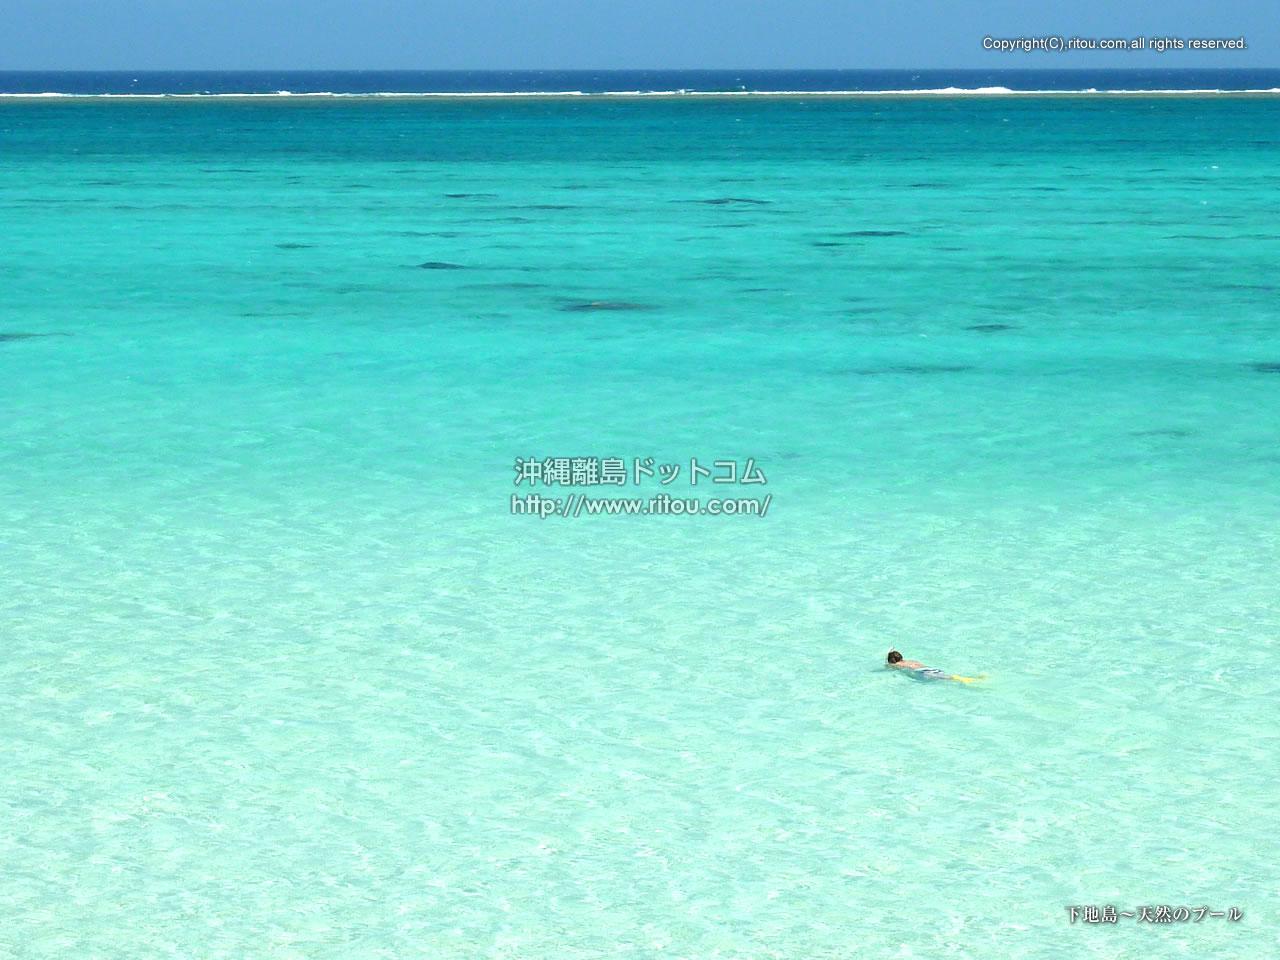 下地島〜天然のプール